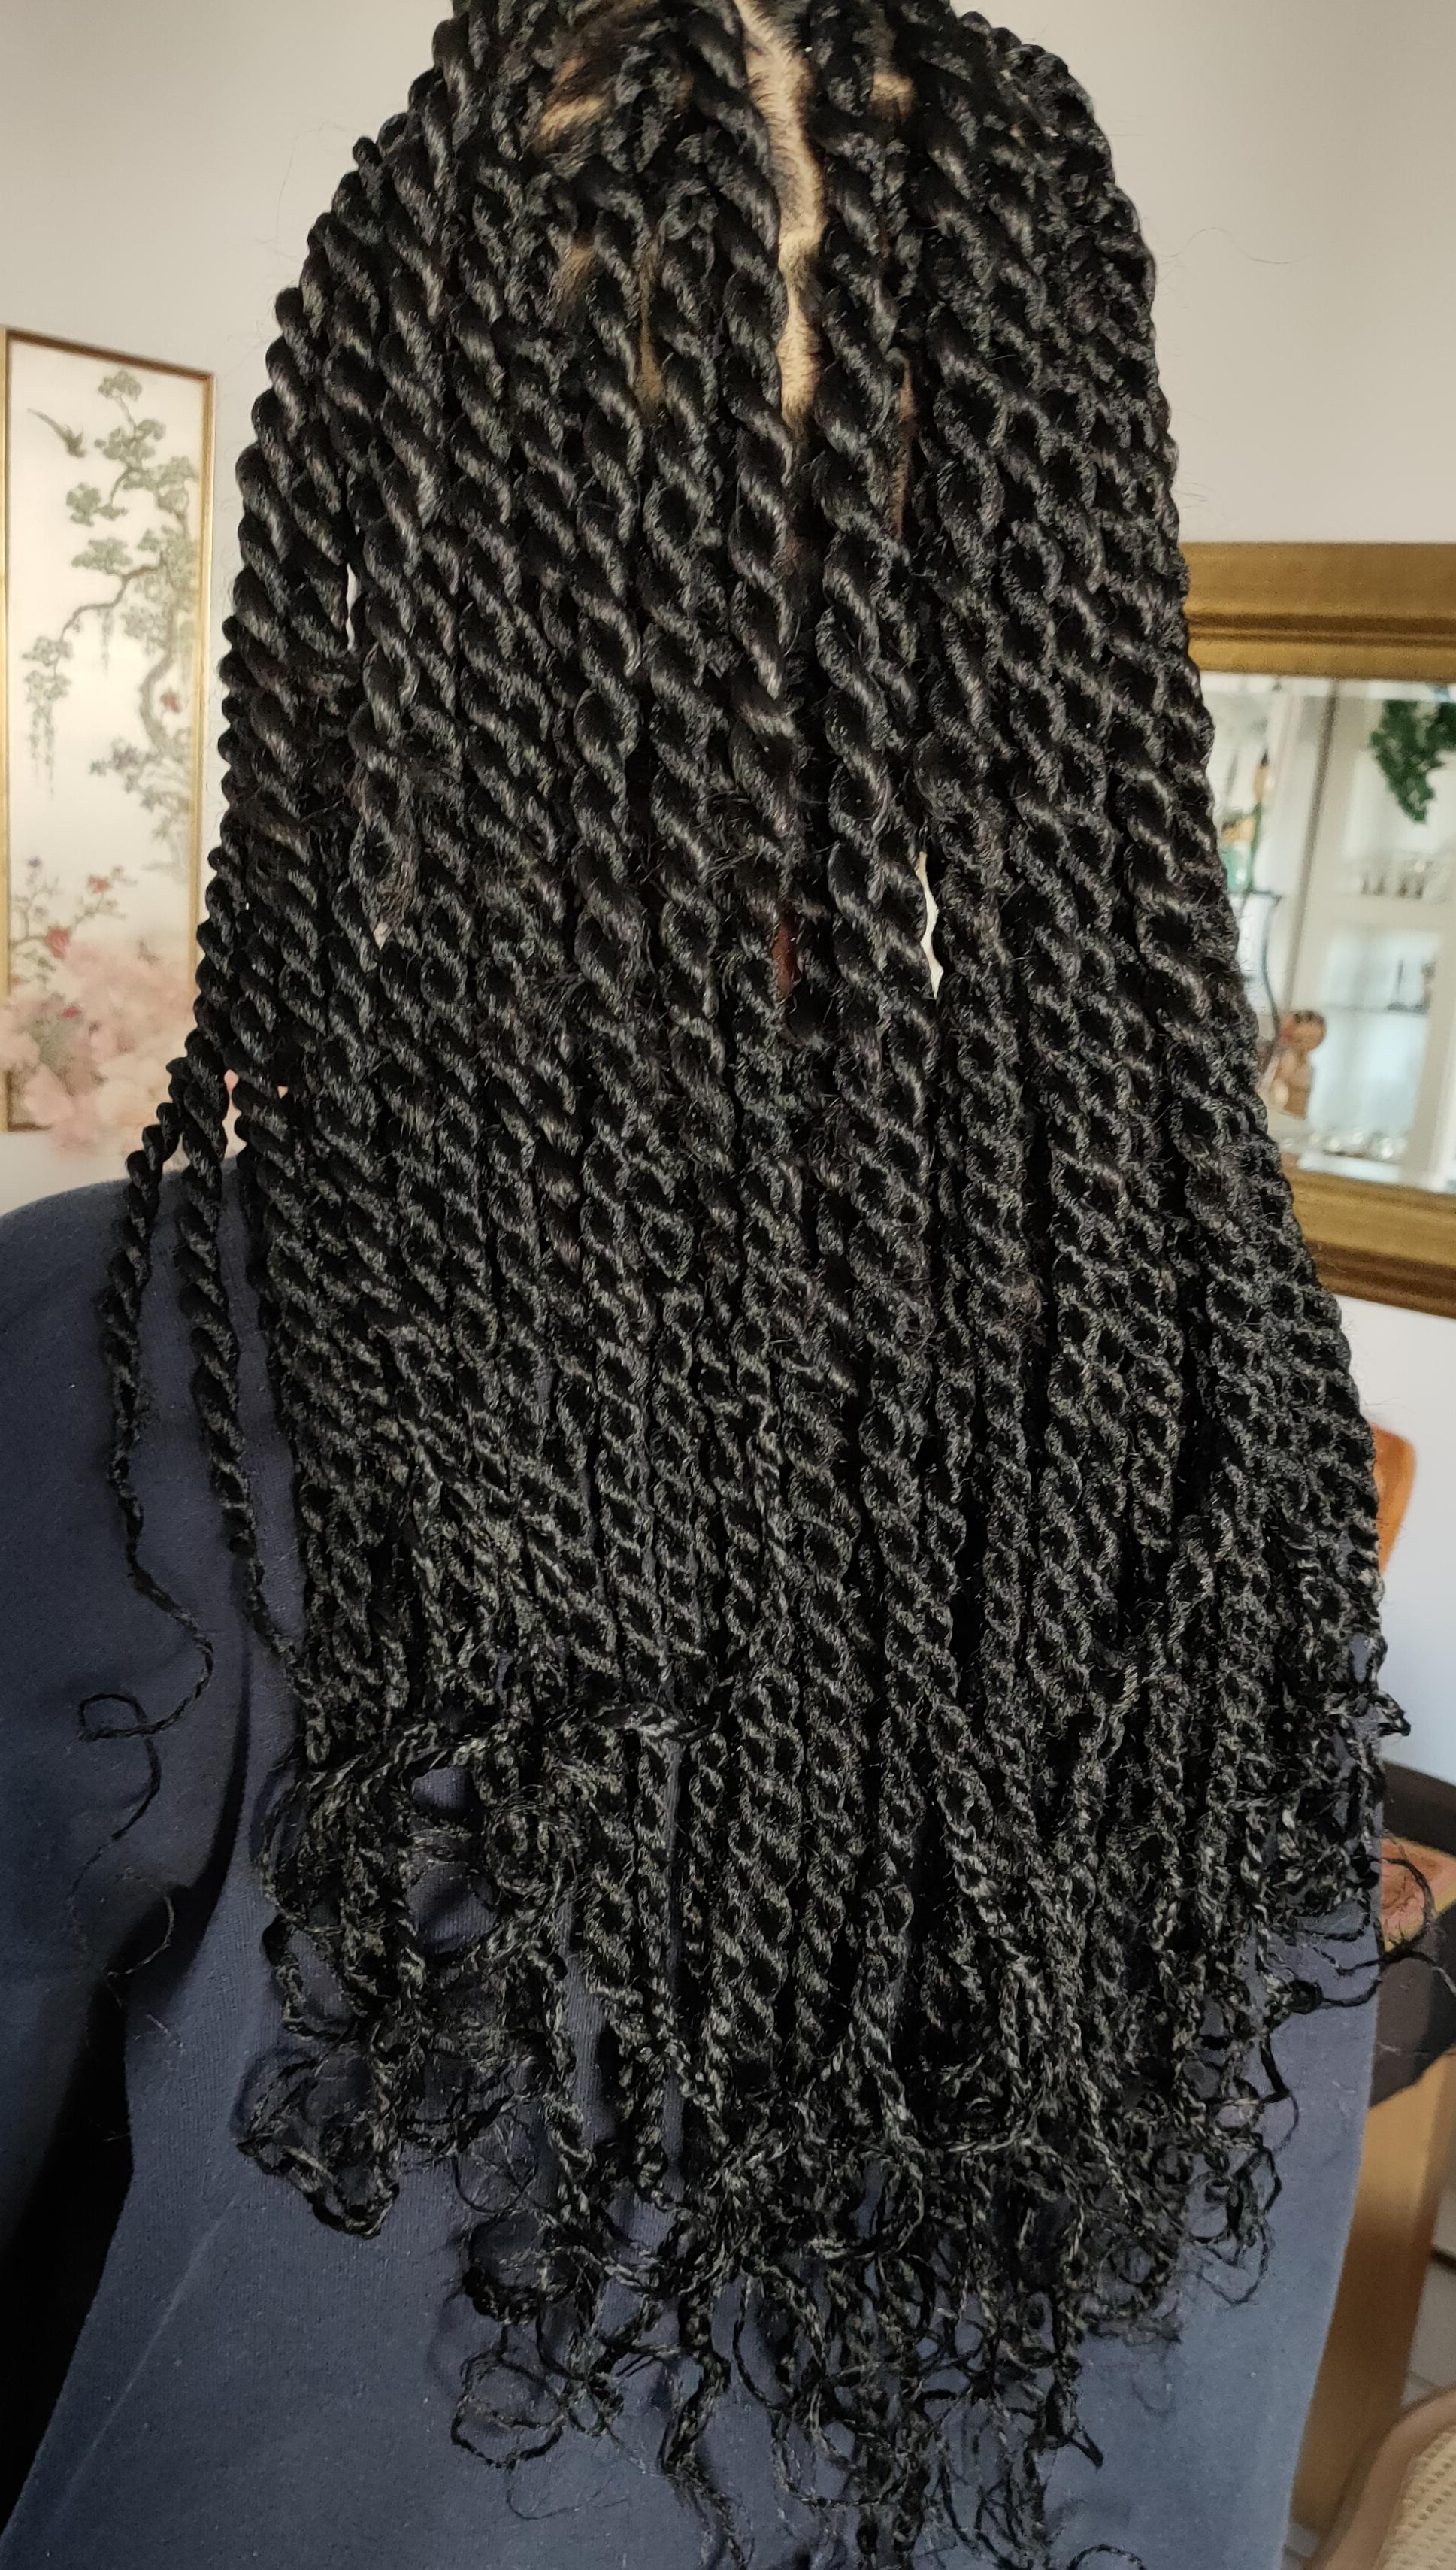 salon de coiffure afro tresse tresses box braids crochet braids vanilles tissages paris 75 77 78 91 92 93 94 95 XWKZDXAF